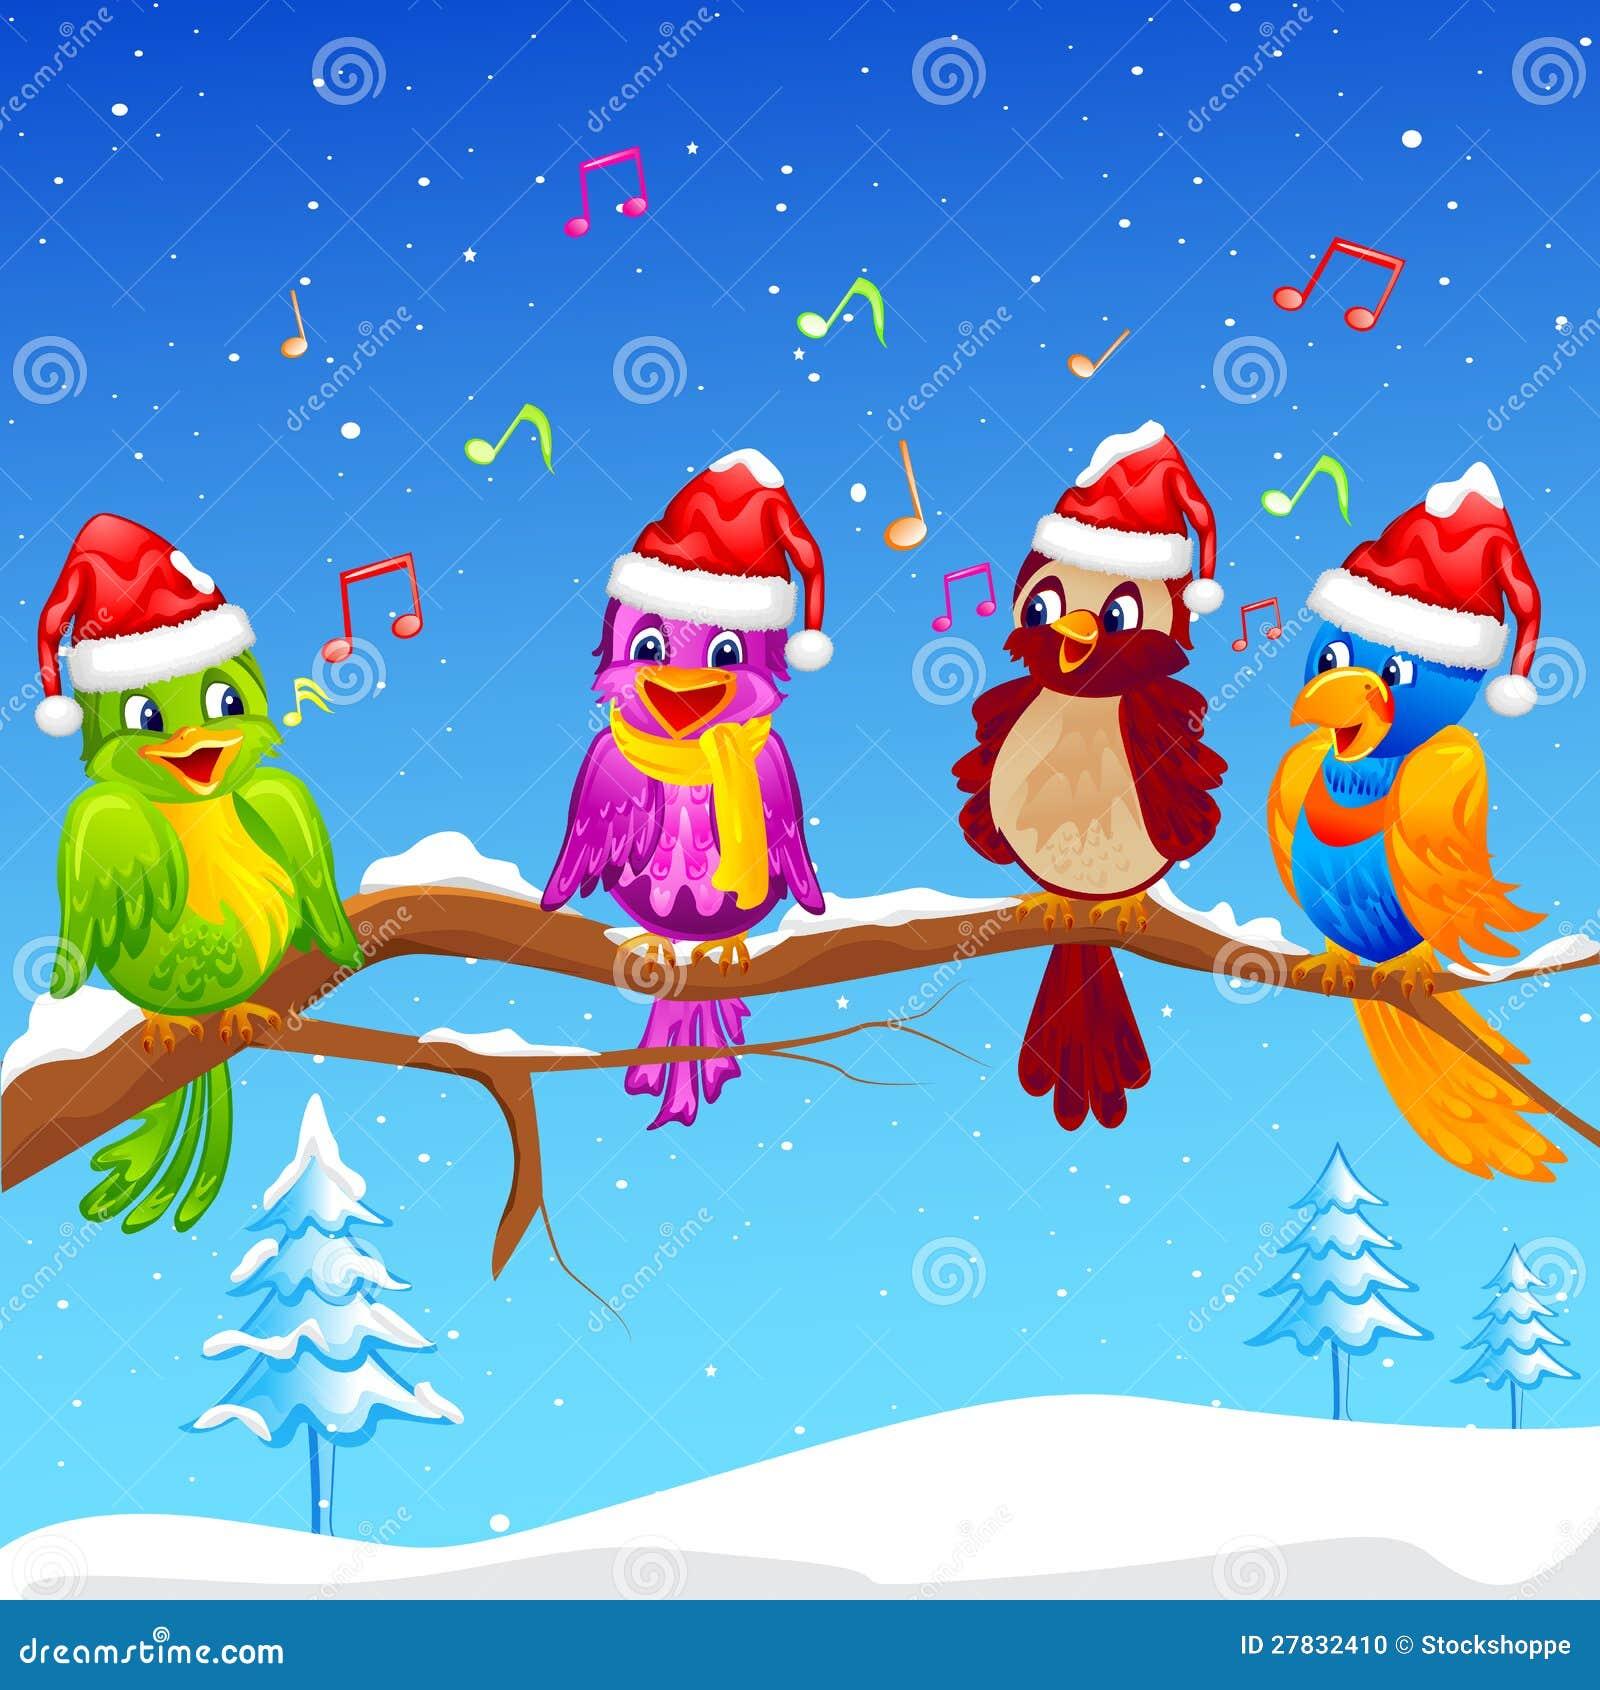 Vögel, Die Weihnachten Carol Singen Stock Abbildung - Illustration ...